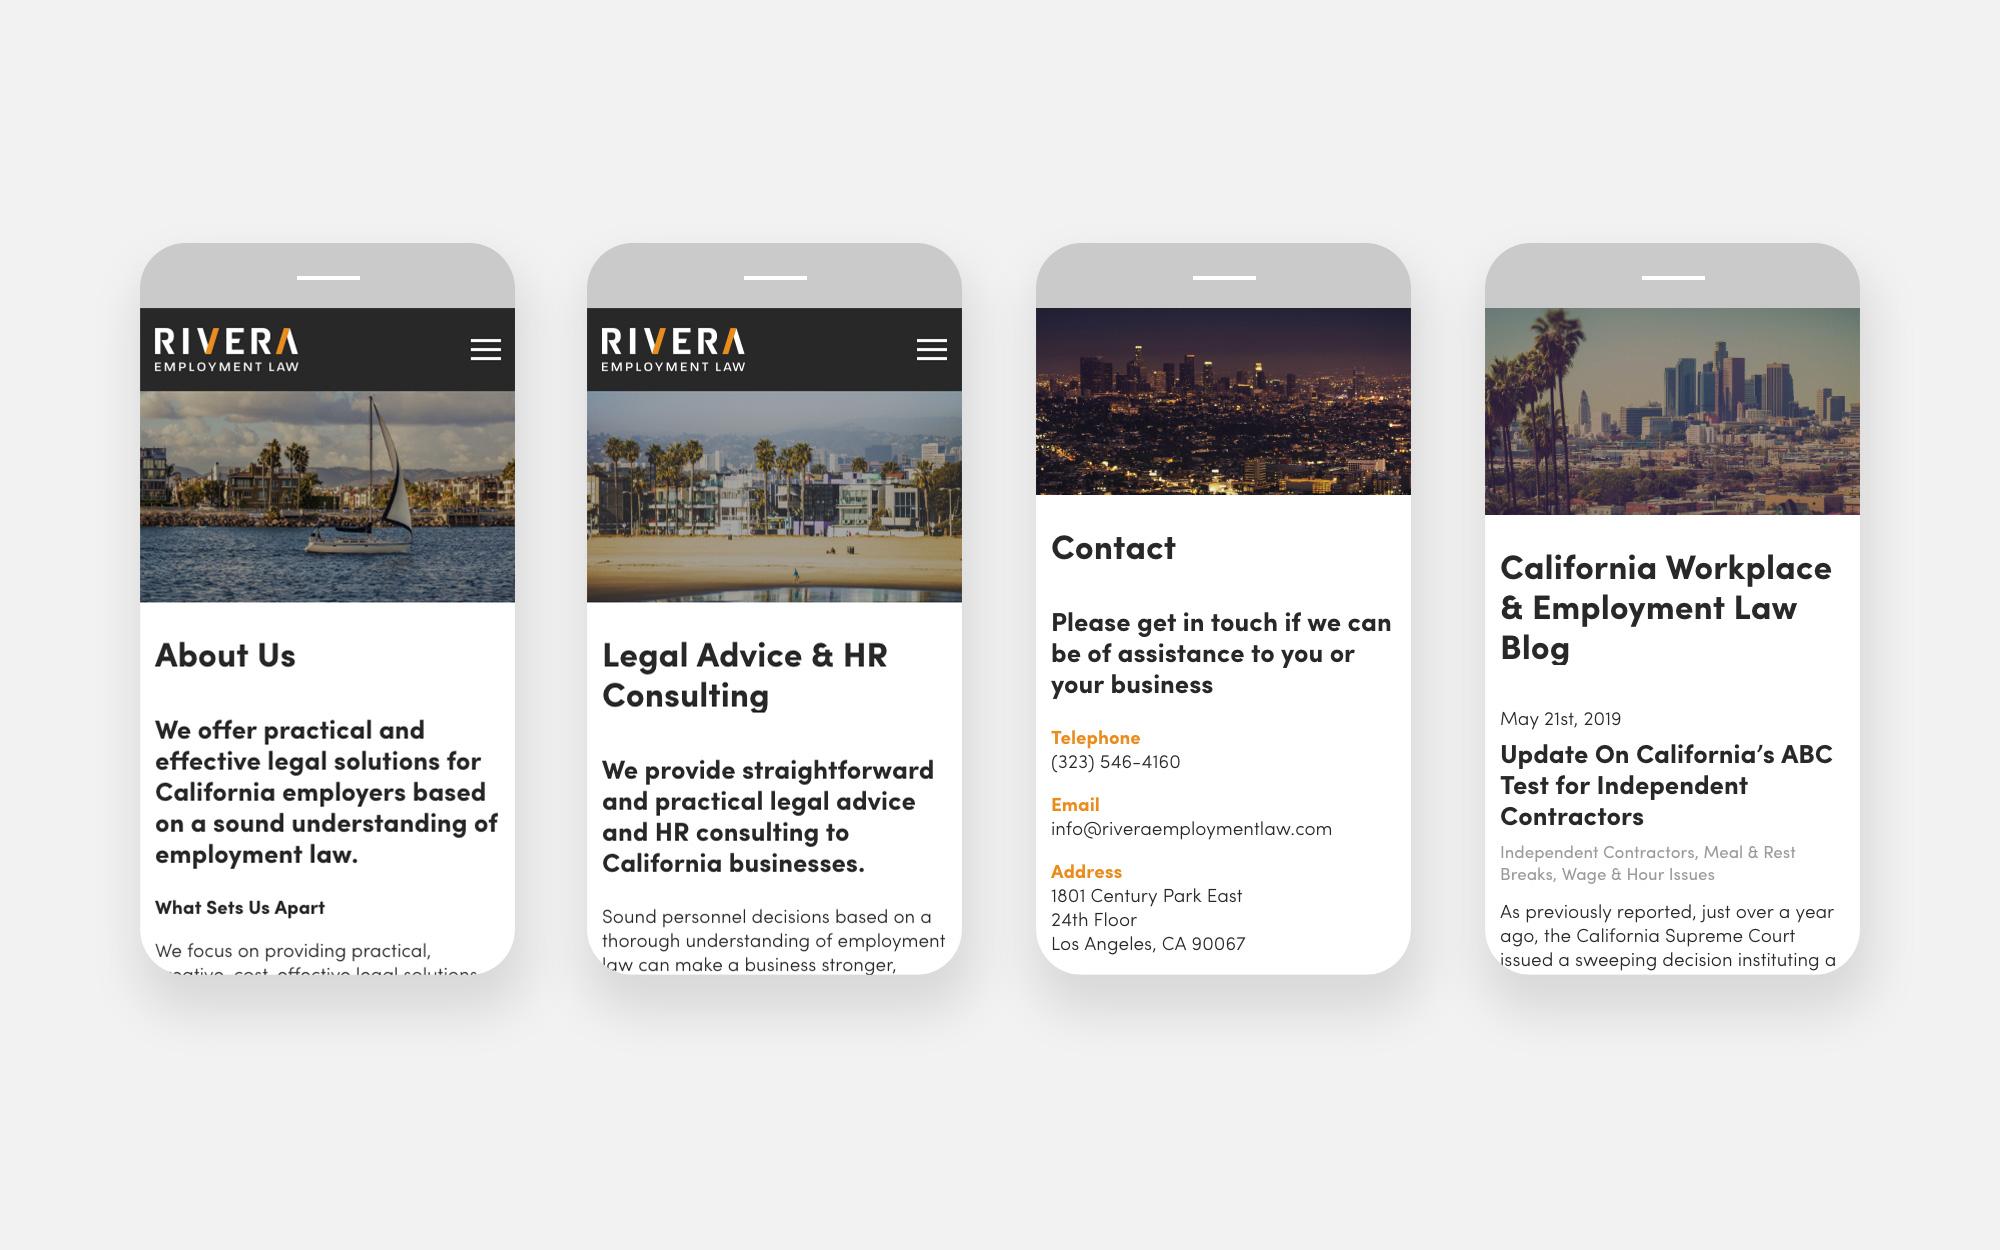 Rivera Employment Law Web Design Design 3